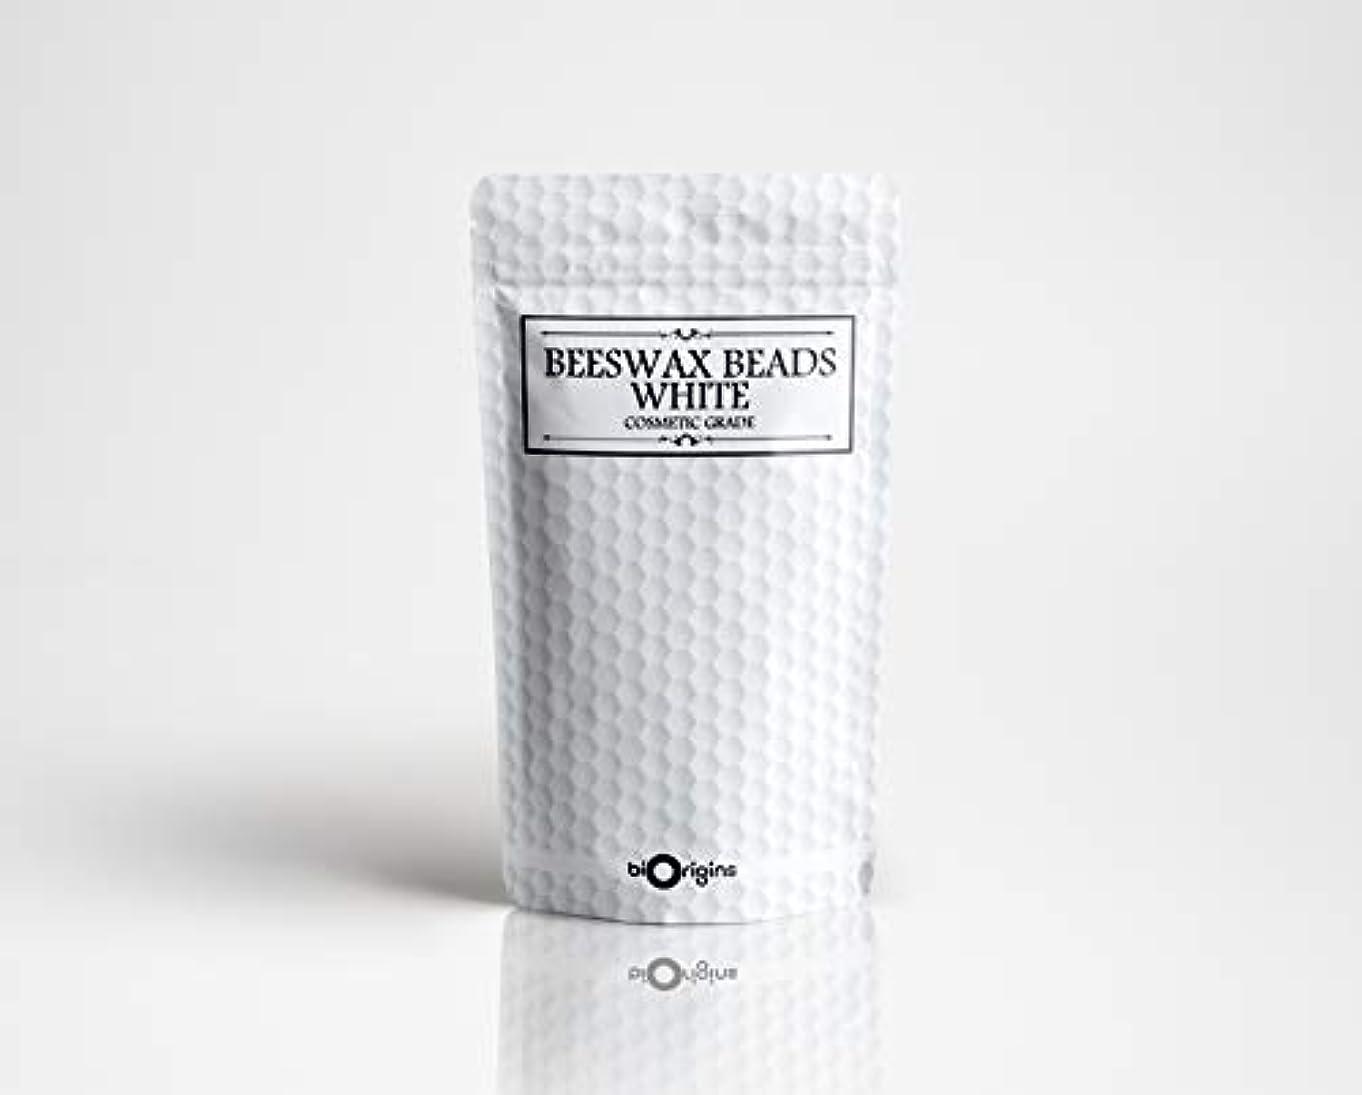 想像力豊かなインタビュー良心Beeswax Beads White - Cosmetic Grade - 100g